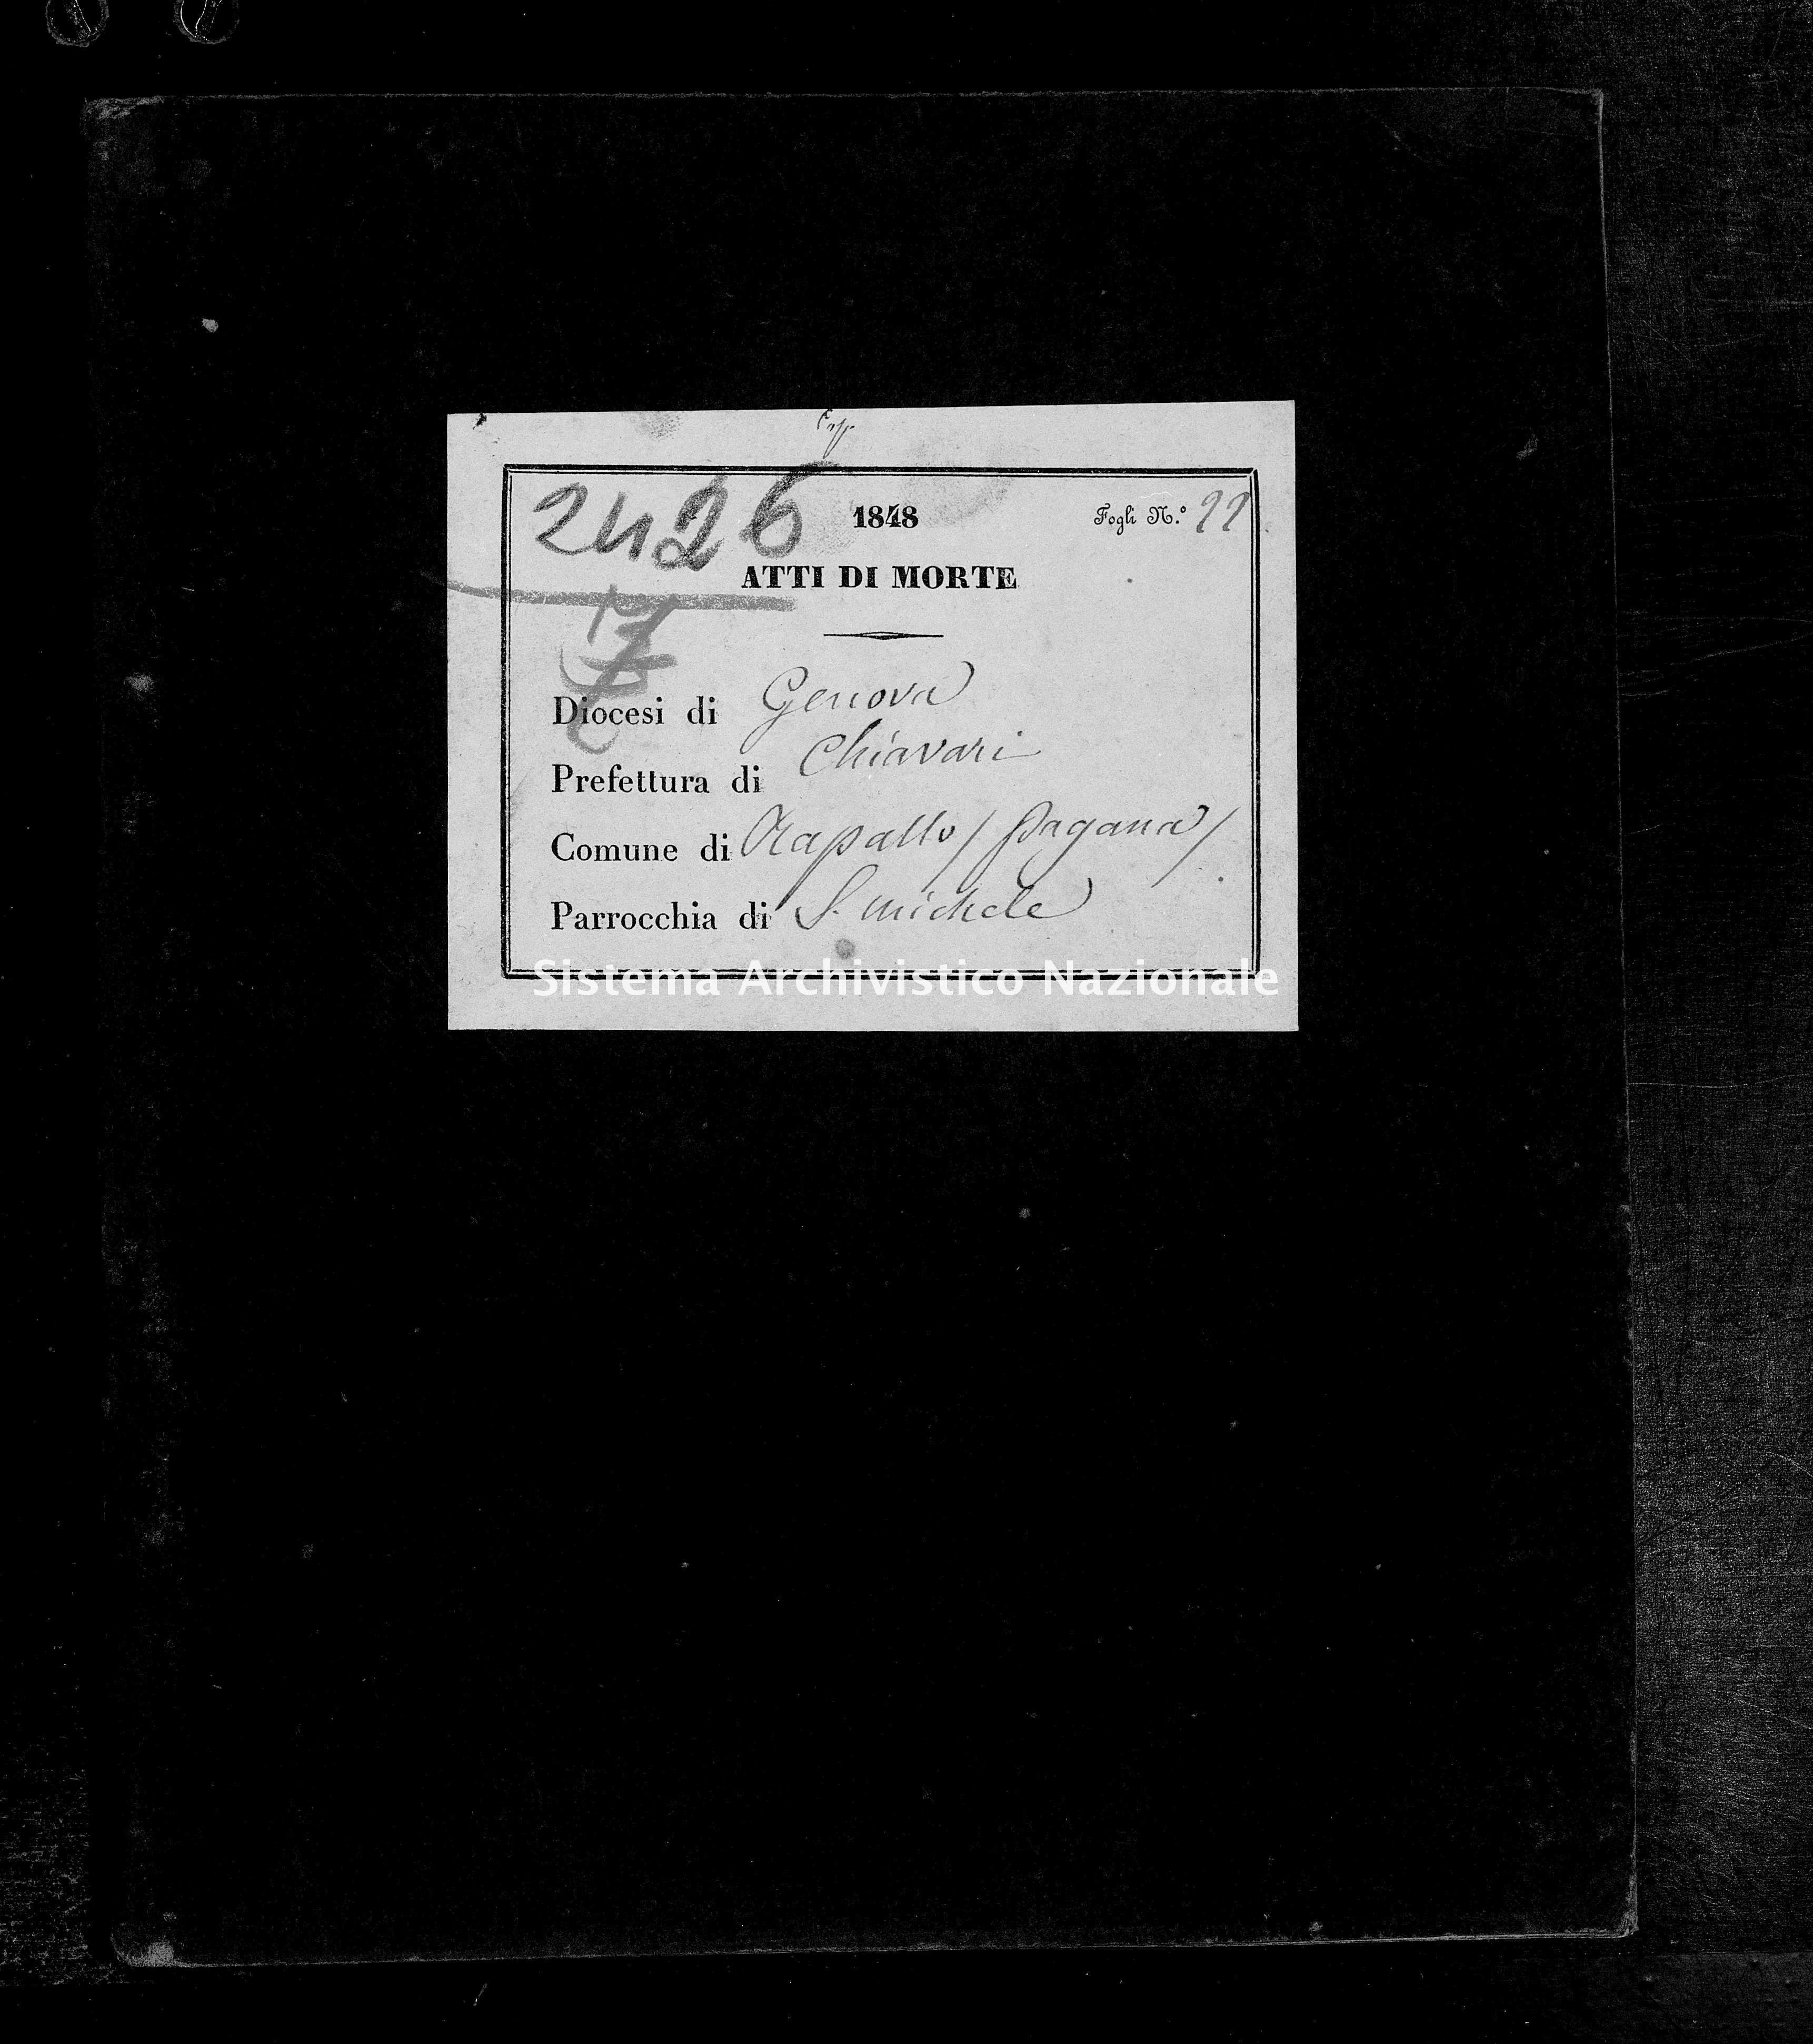 Archivio di stato di Genova - Stato civile della restaurazione - San Michele di Pagana - Morti - 1848 - 136-137 -